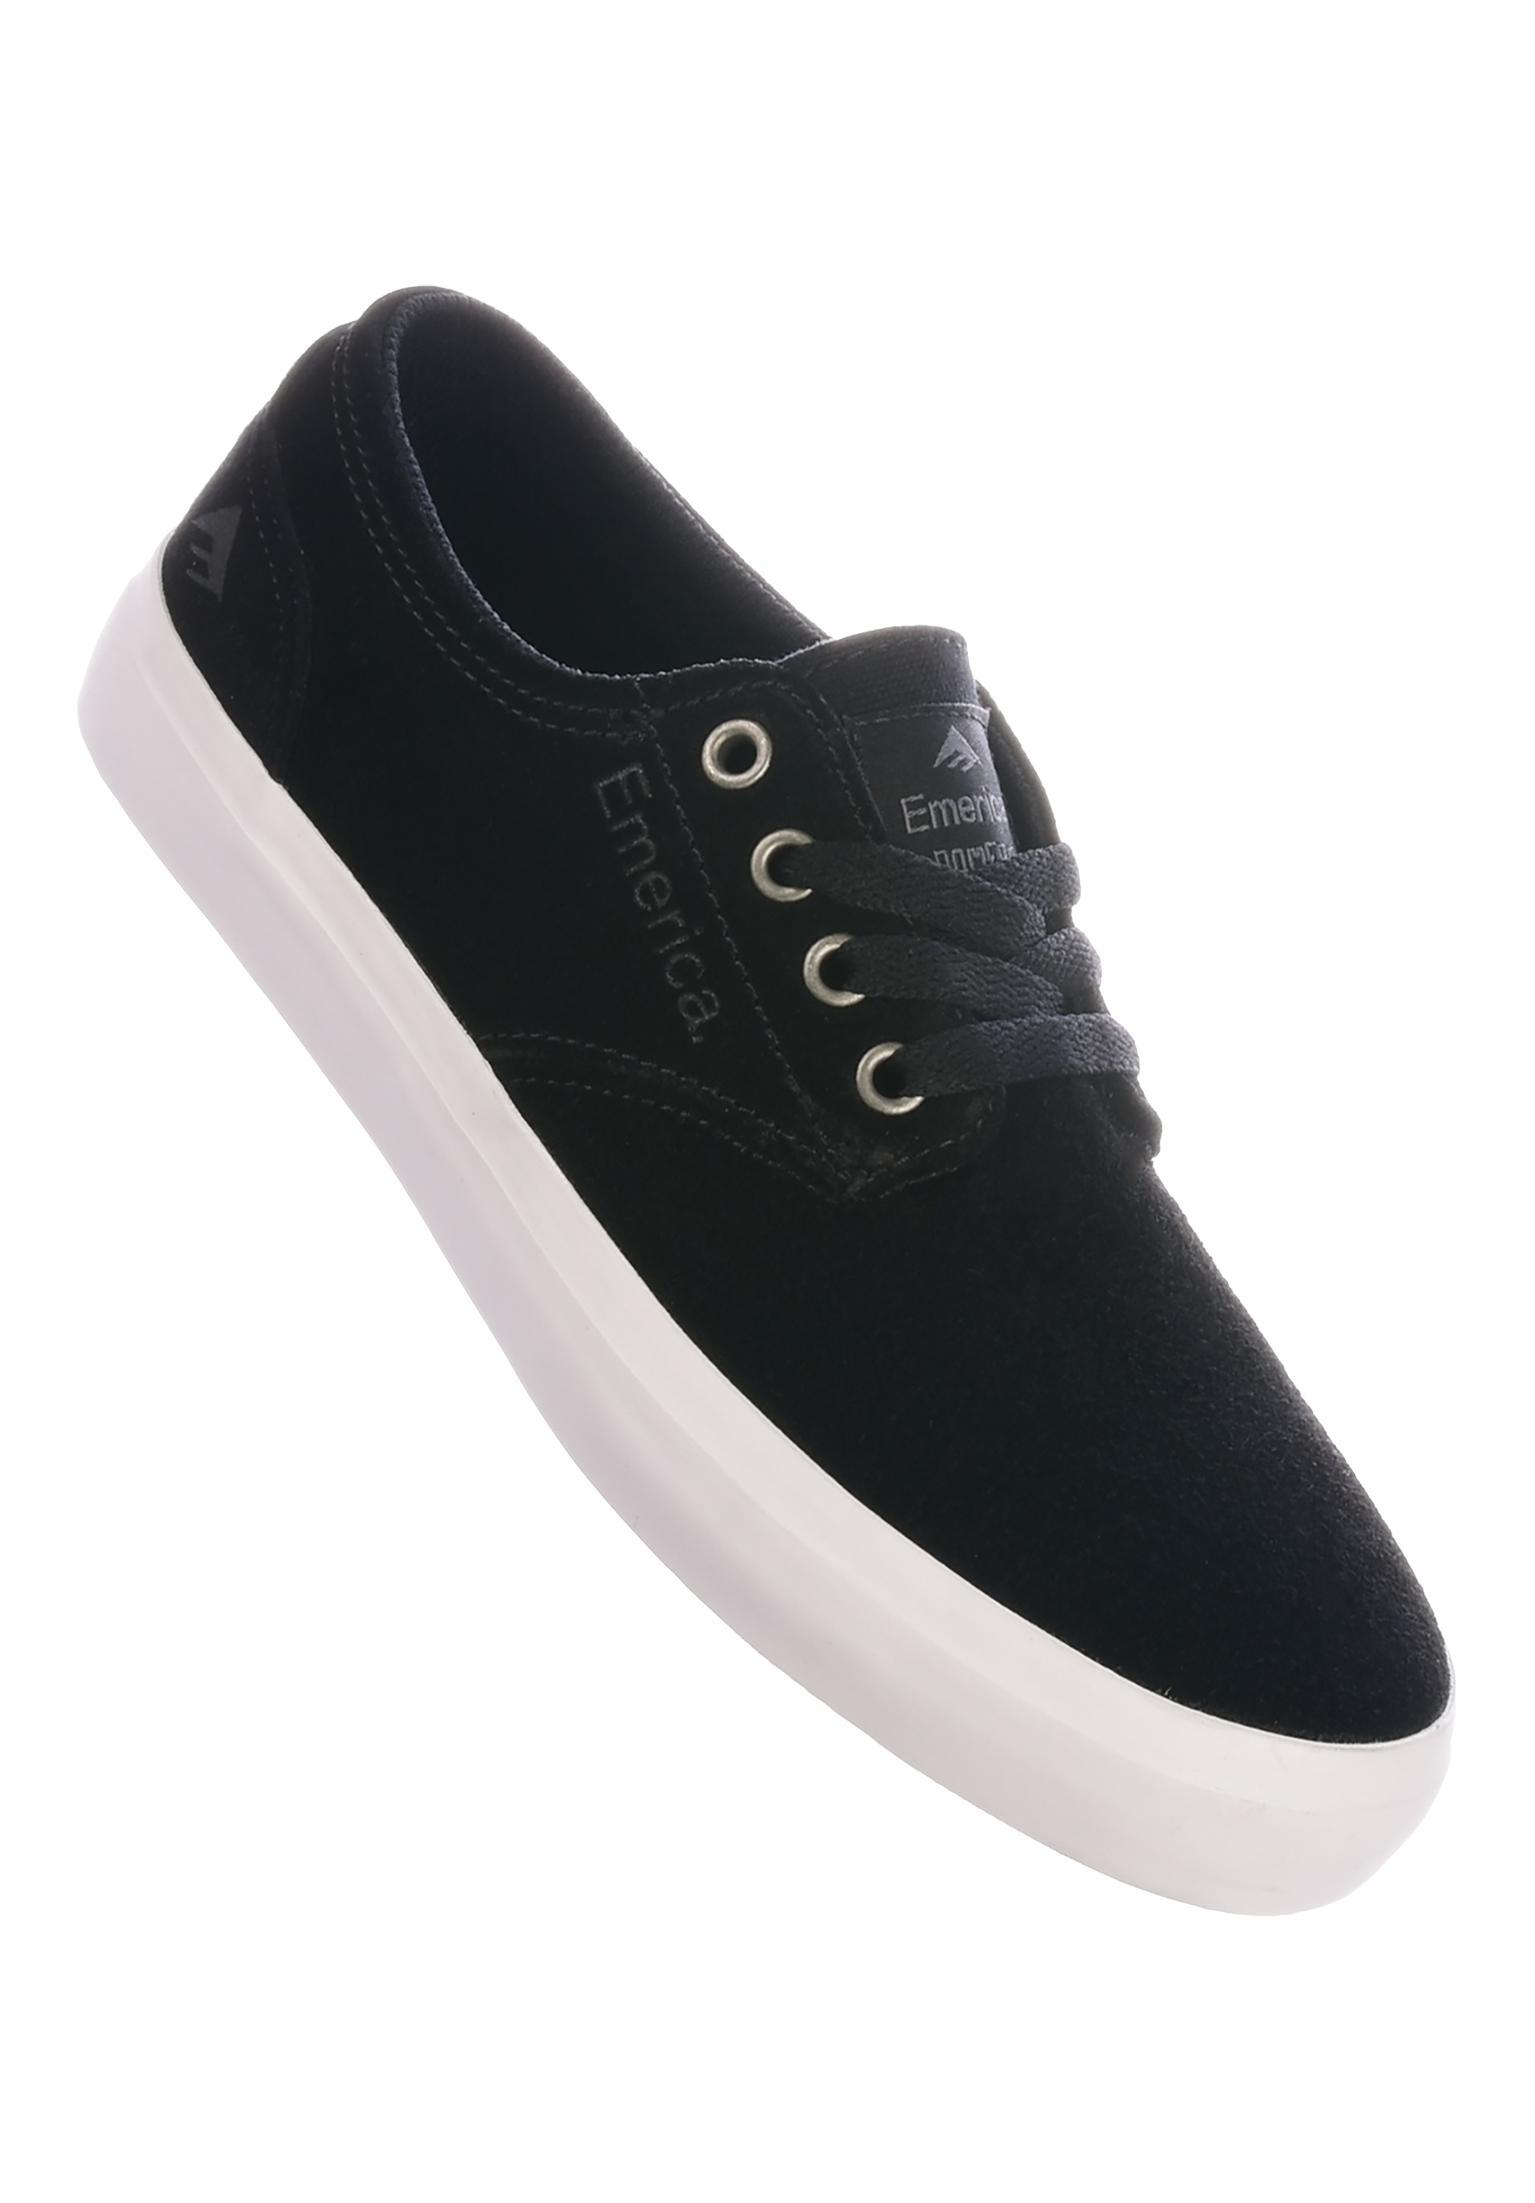 Im Alle Kaufen Schuhe Kinder Onlineshop Für Titus P8X0nwOk